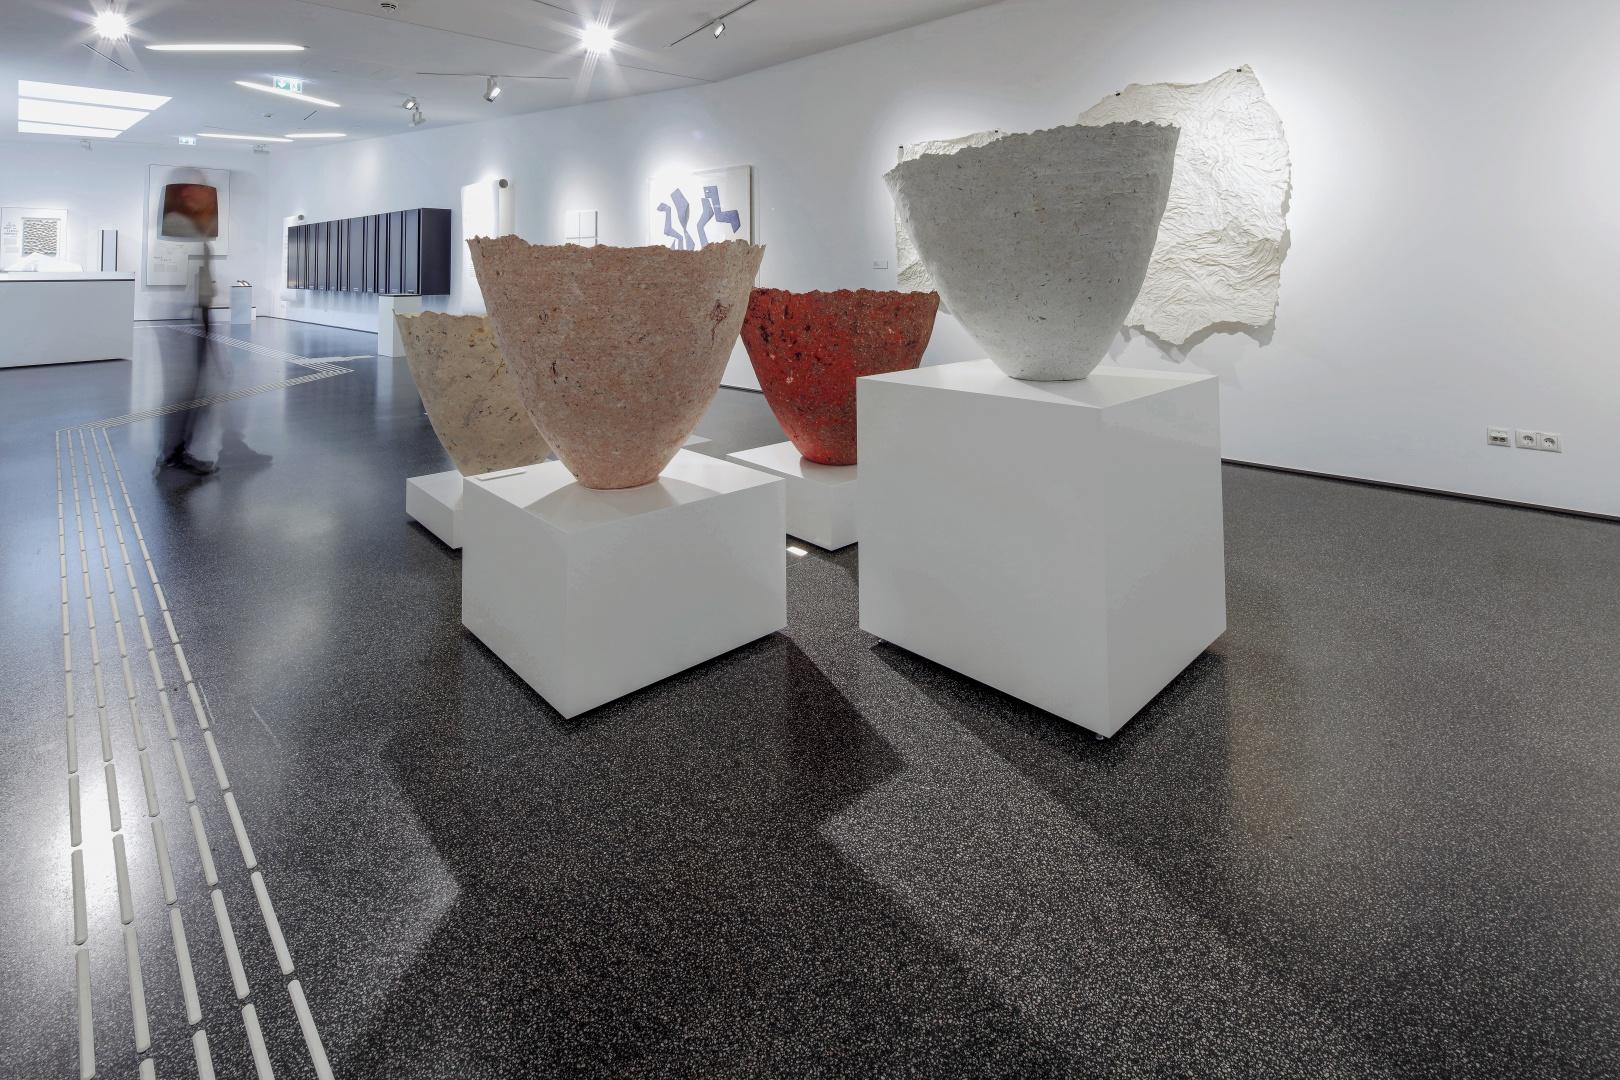 Wechselausstellungsbereich: Derzeit werden hier Papierabgüsse vom Inneren von Schöpfbottichen gezeigt. © Bey, Igneci, Neubert, Temizer